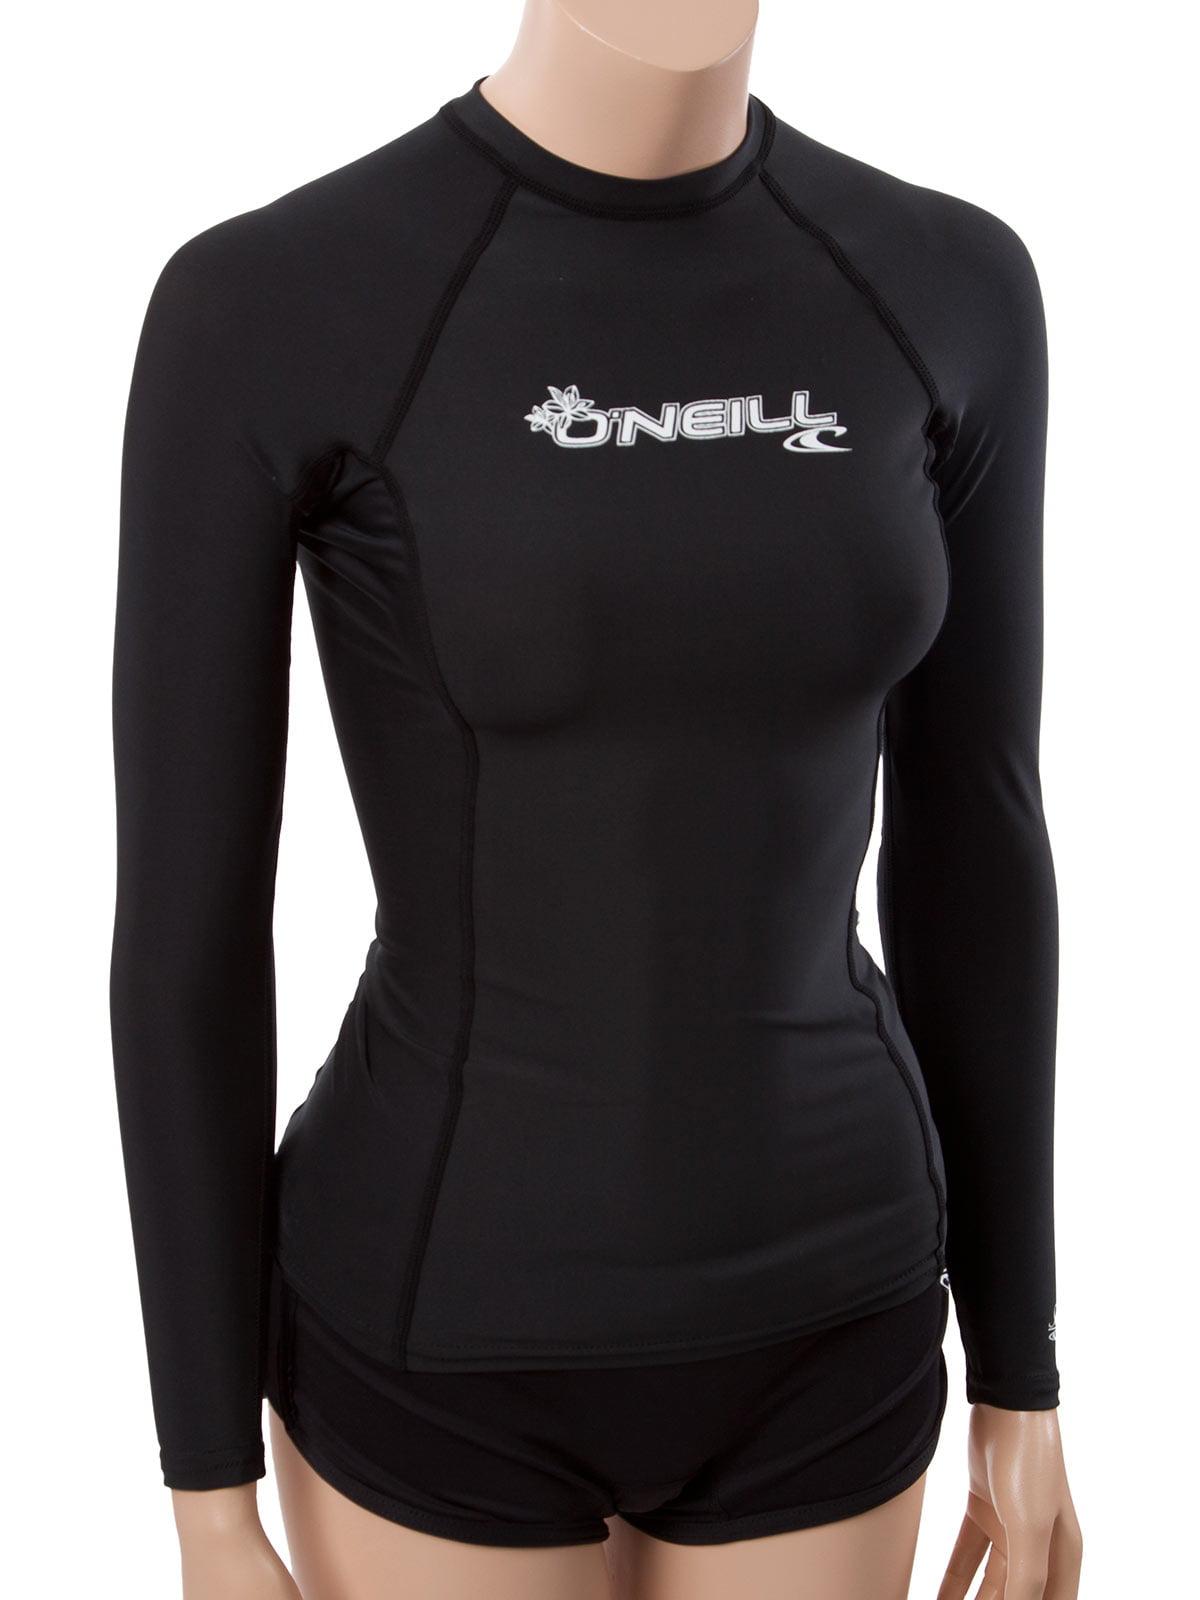 O'Neill women's basic skins long sleeve rashguard by O'Neill Wetsuits